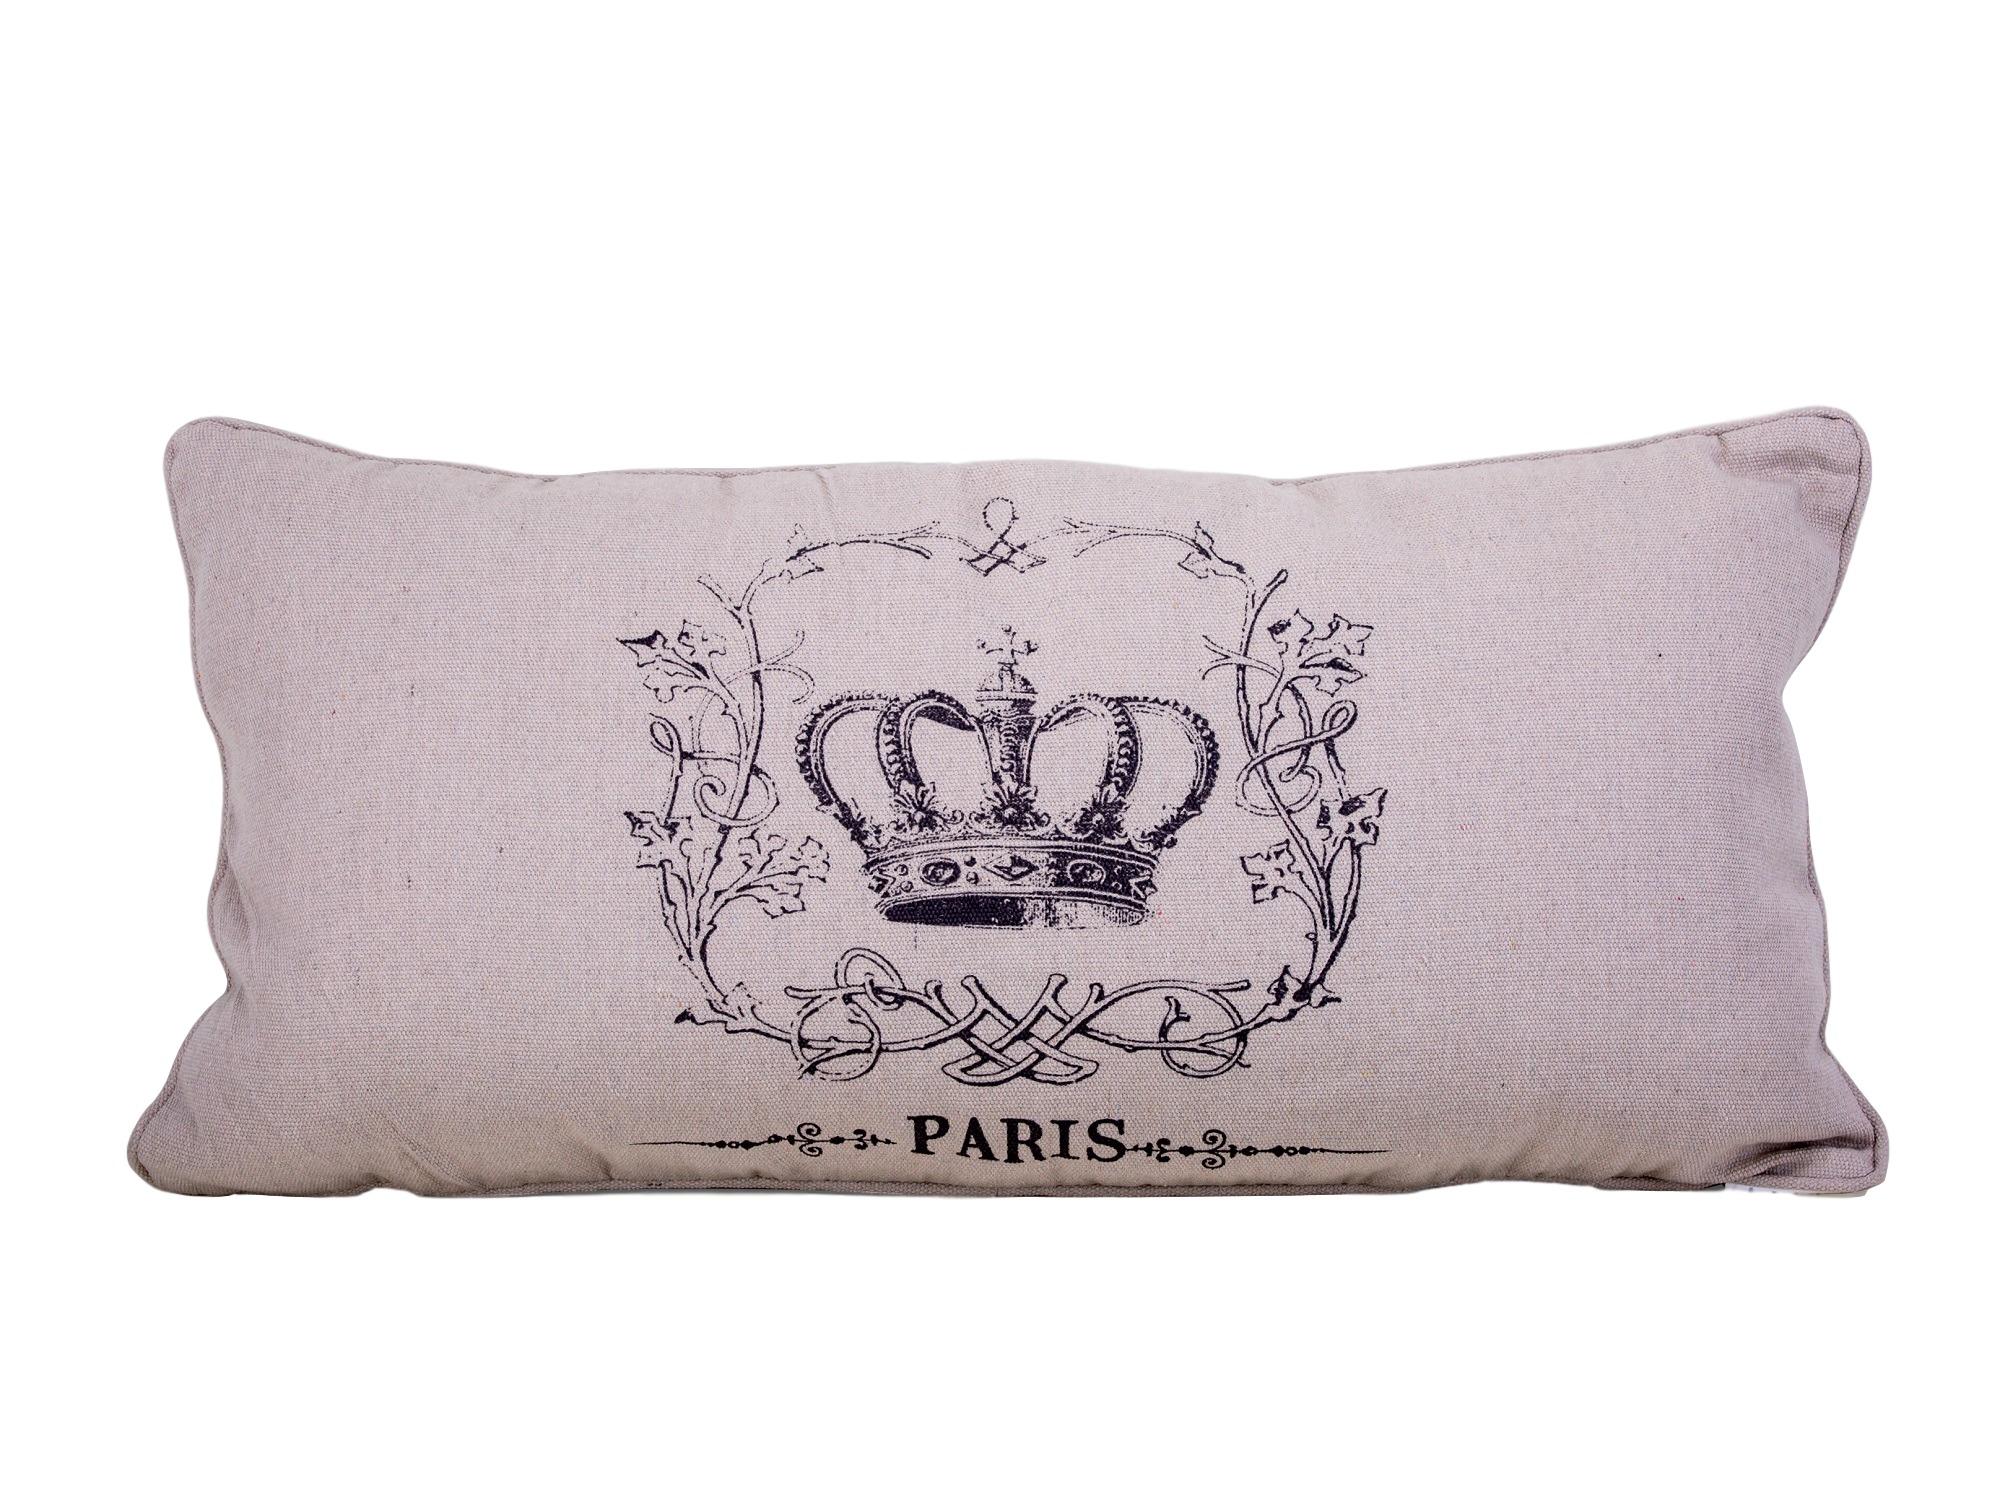 ПодушкаПрямоугольные подушки и наволочки<br>Подушка декоративная прямоугольная с принтом в винтажном стиле.<br><br>Material: Текстиль<br>Width см: 70<br>Depth см: 10<br>Height см: 35